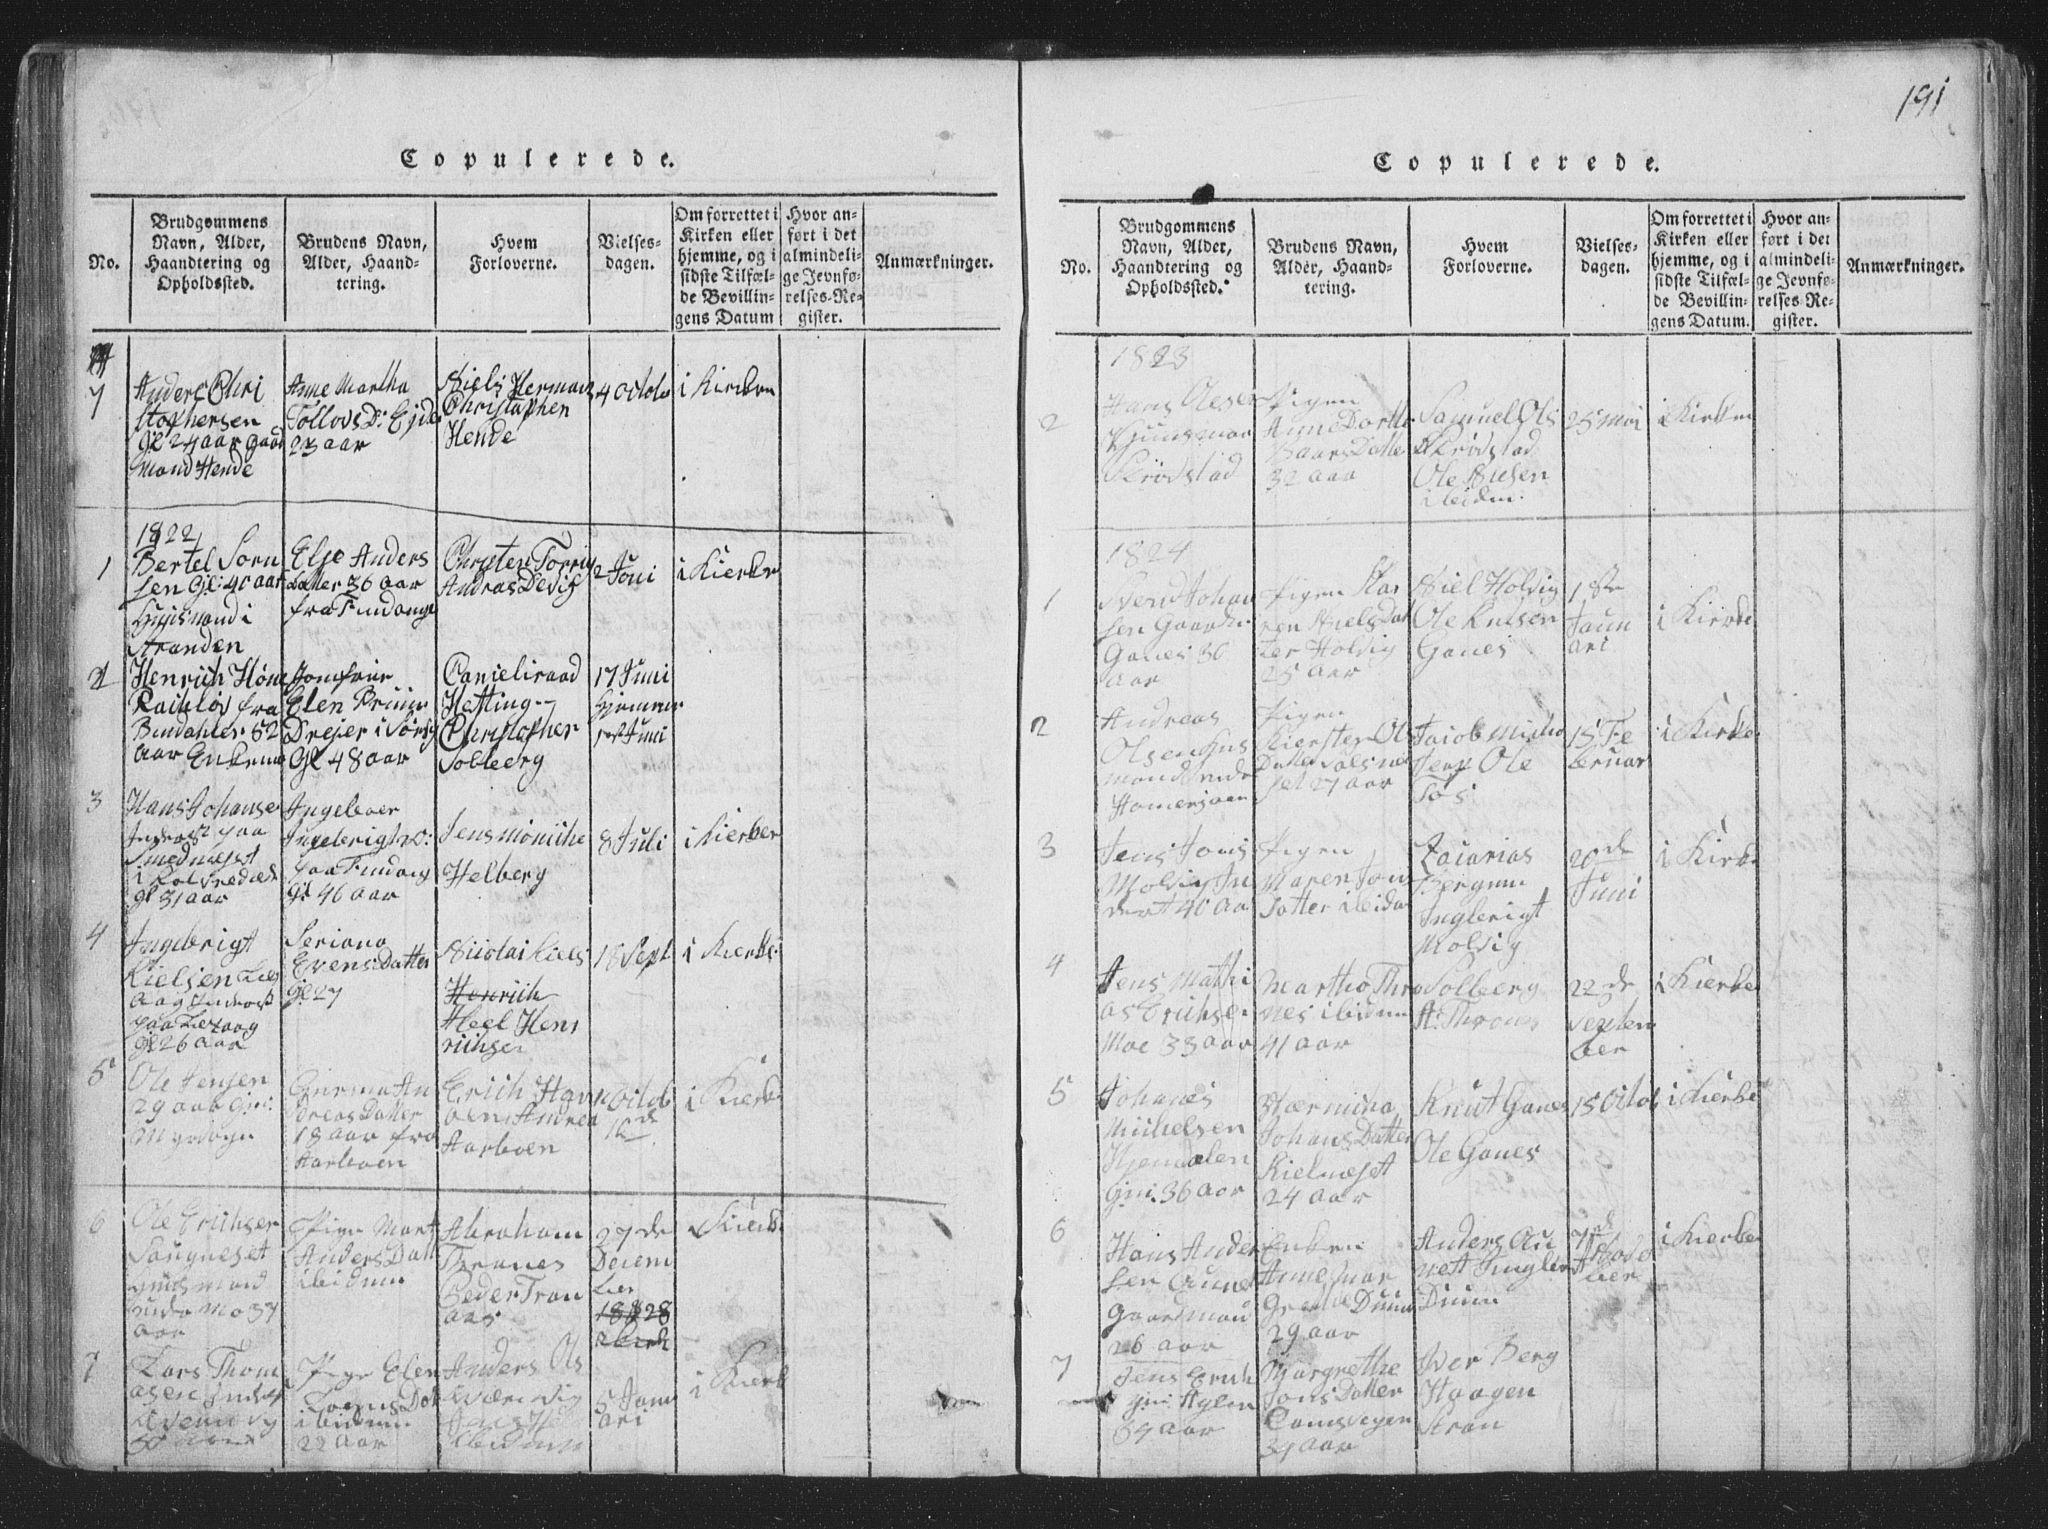 SAT, Ministerialprotokoller, klokkerbøker og fødselsregistre - Nord-Trøndelag, 773/L0613: Ministerialbok nr. 773A04, 1815-1845, s. 191